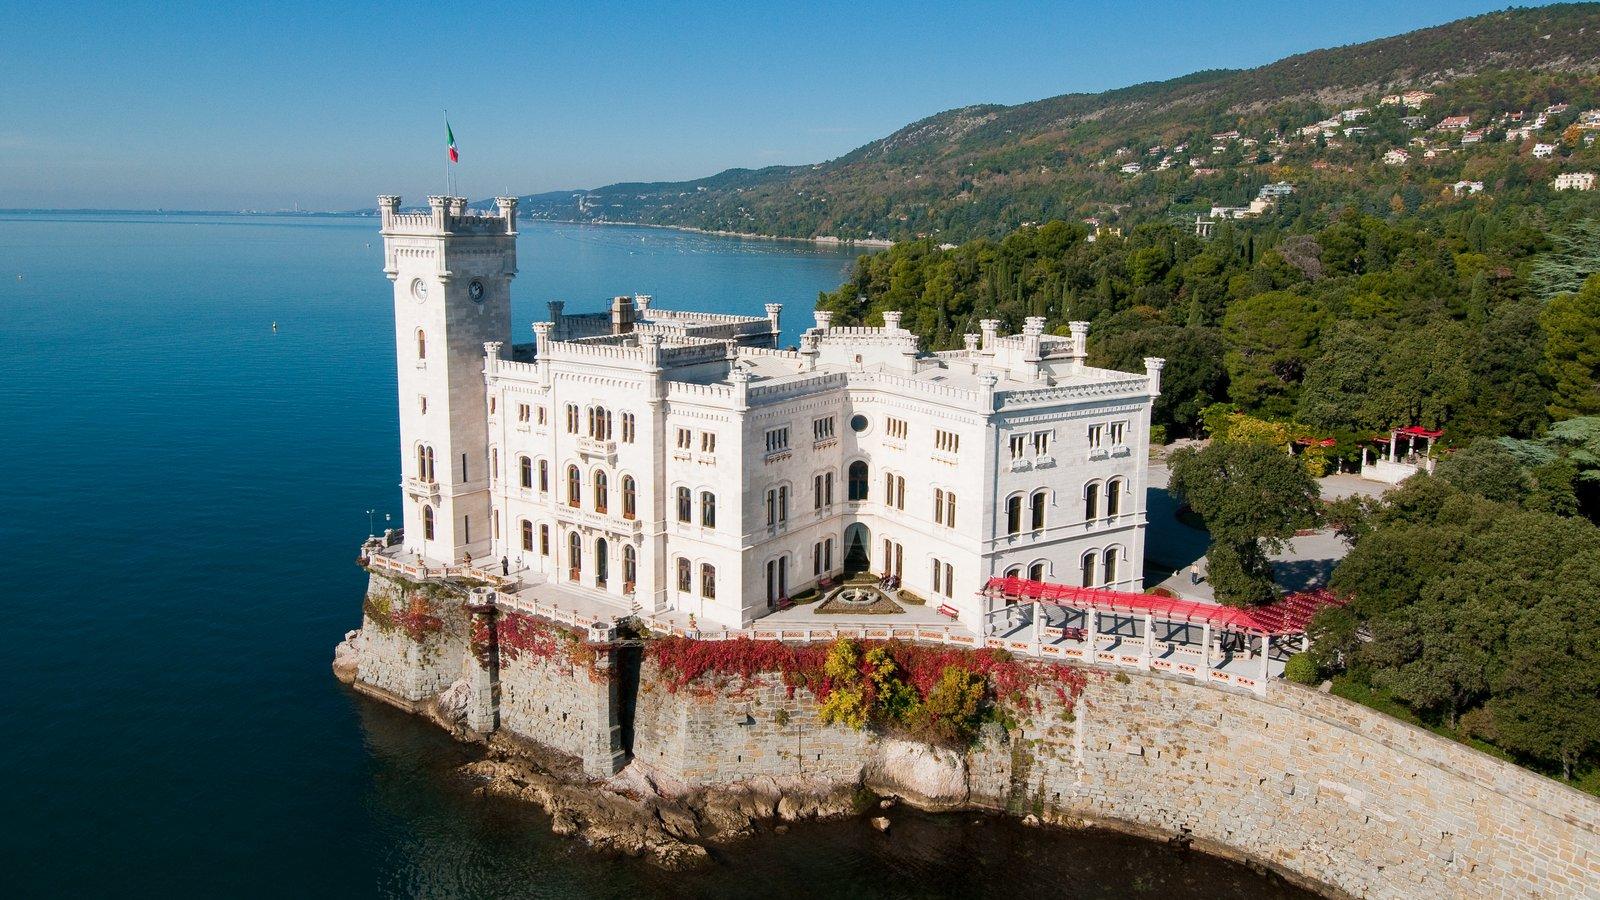 Pasqua 2017 dove andare: alla scoperta di Trieste